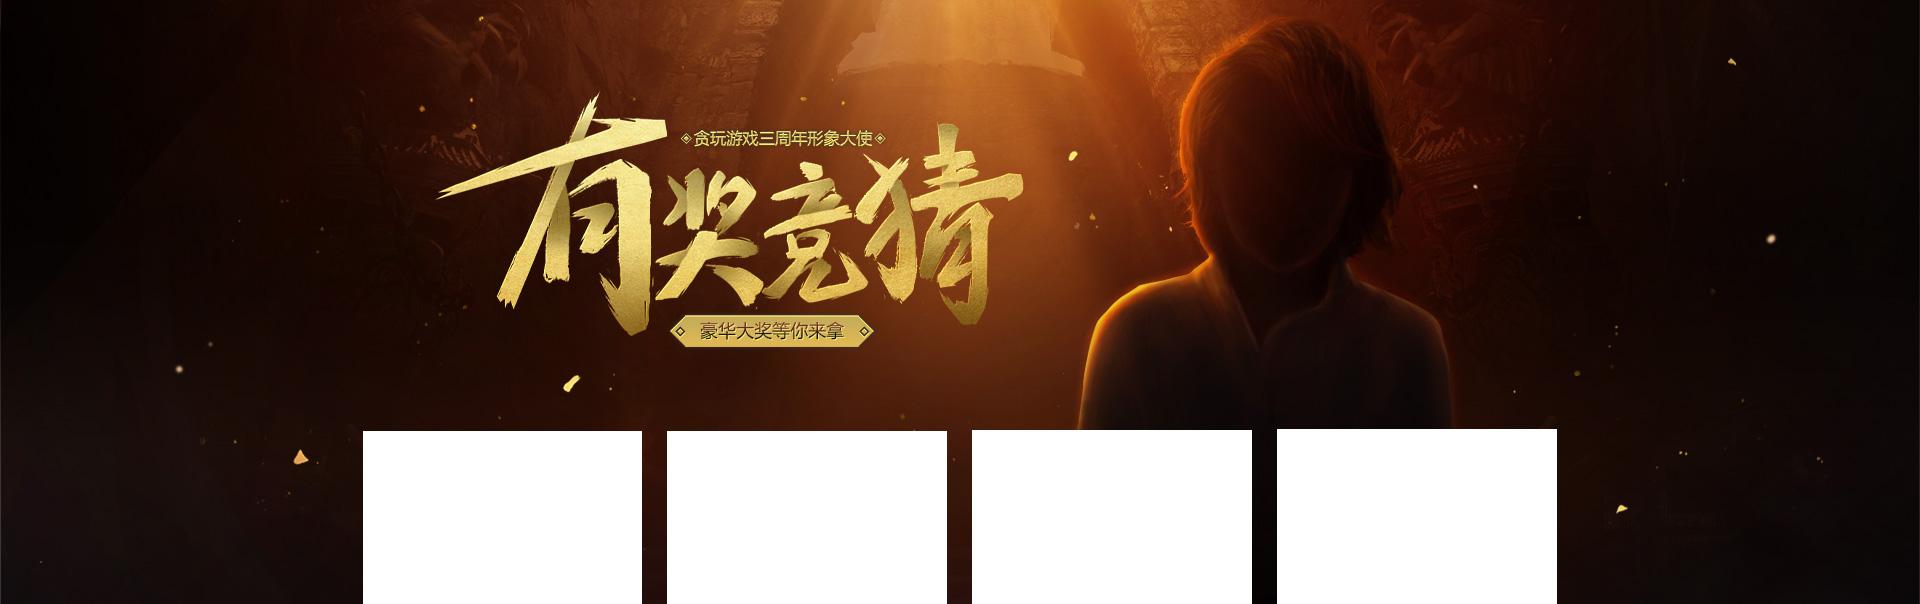 《贪玩游戏》3周年形象大使-有奖竞猜